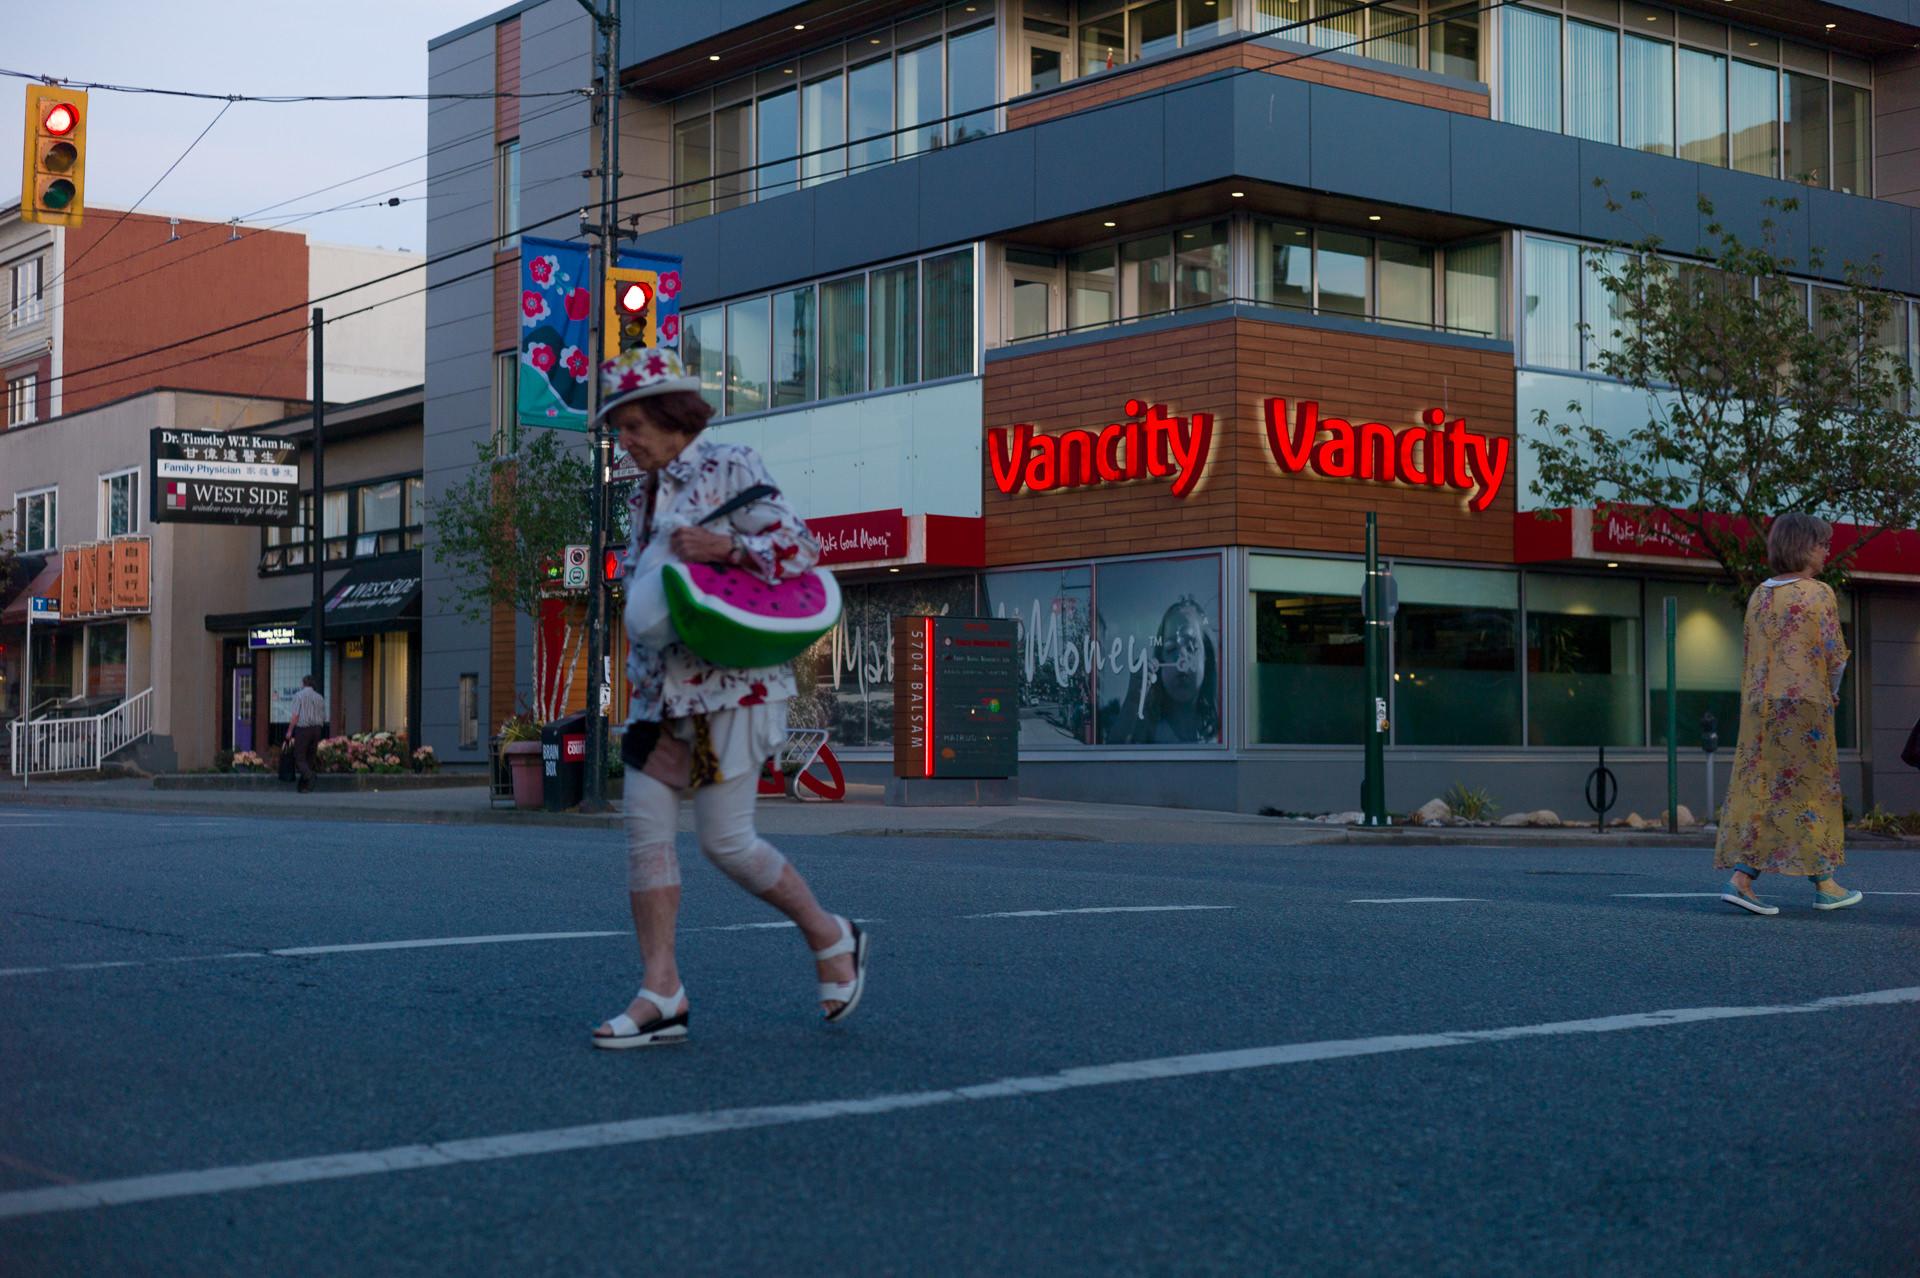 Vancity Xpress10